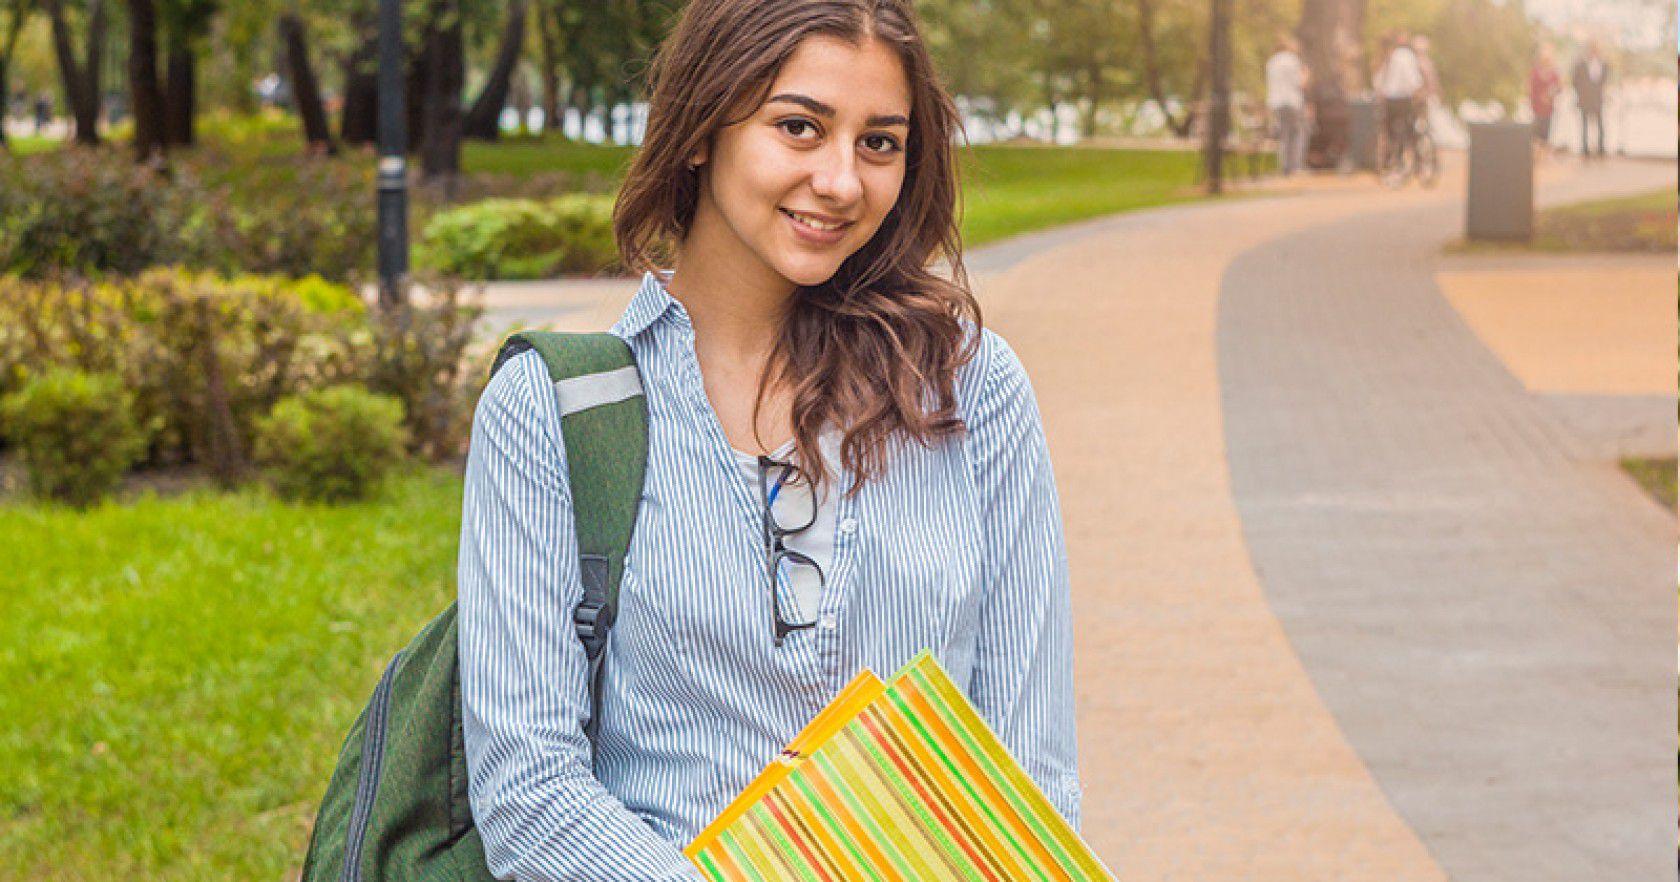 Amerika'da Geçerli Olan Diploma Programları ve Kültürlerarası Diploma Denklik İşlemleri ile Alakalı Merak Edilenler